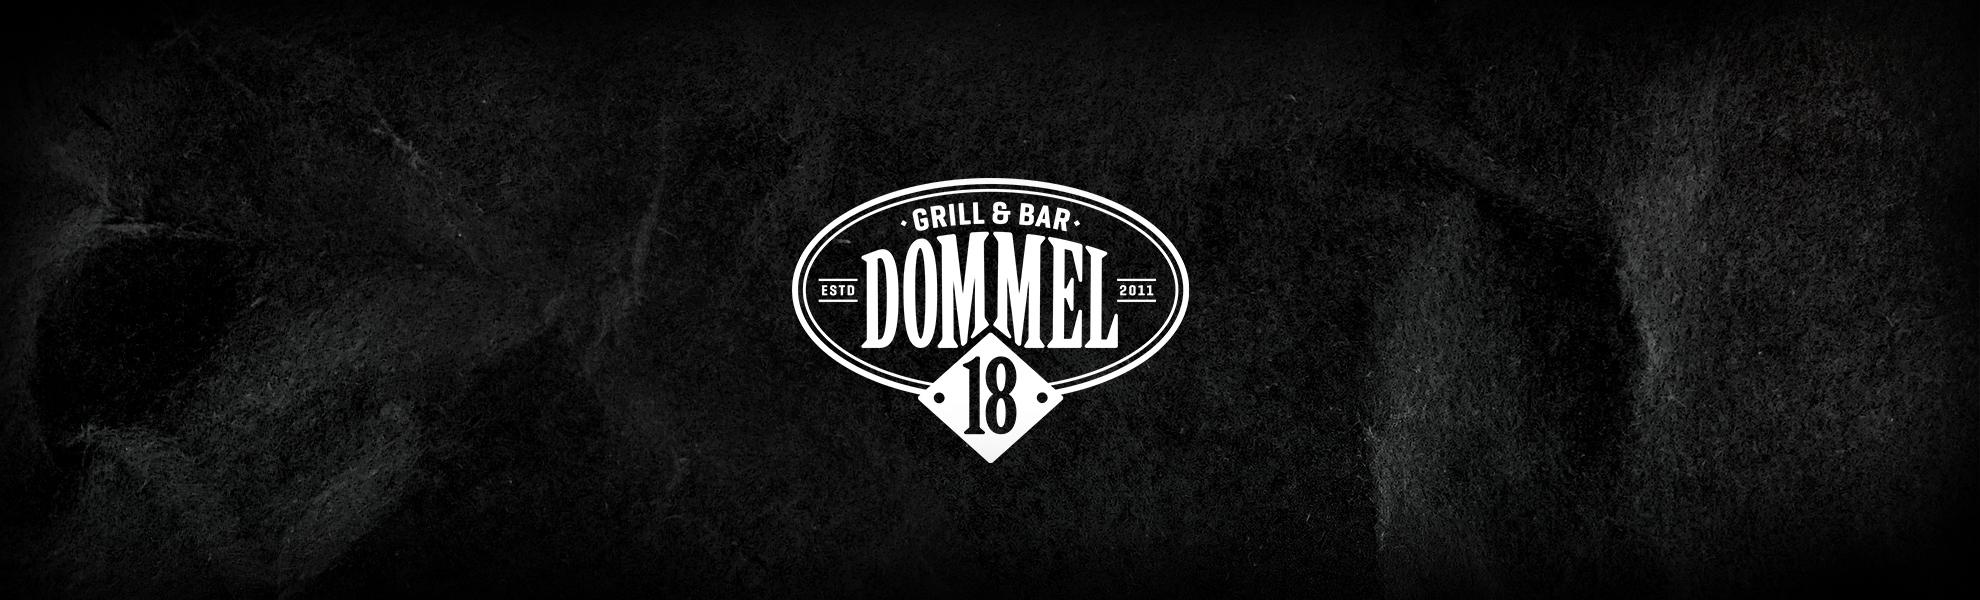 Dommel18 Logo